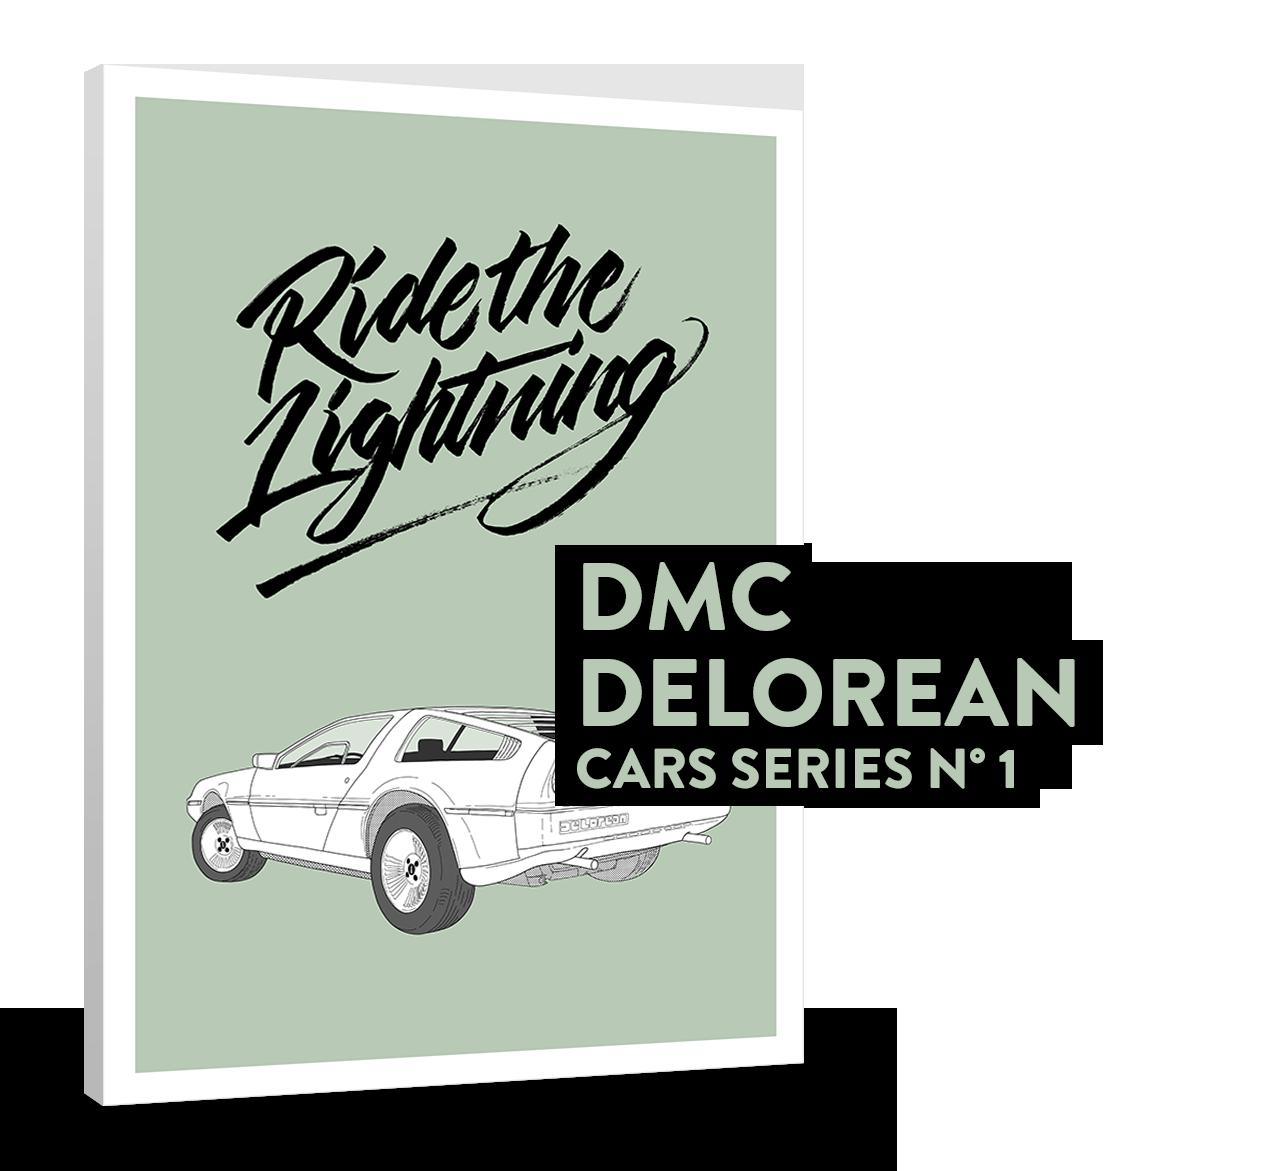 DMC DELOREAN (CARS SERIES N° 1)